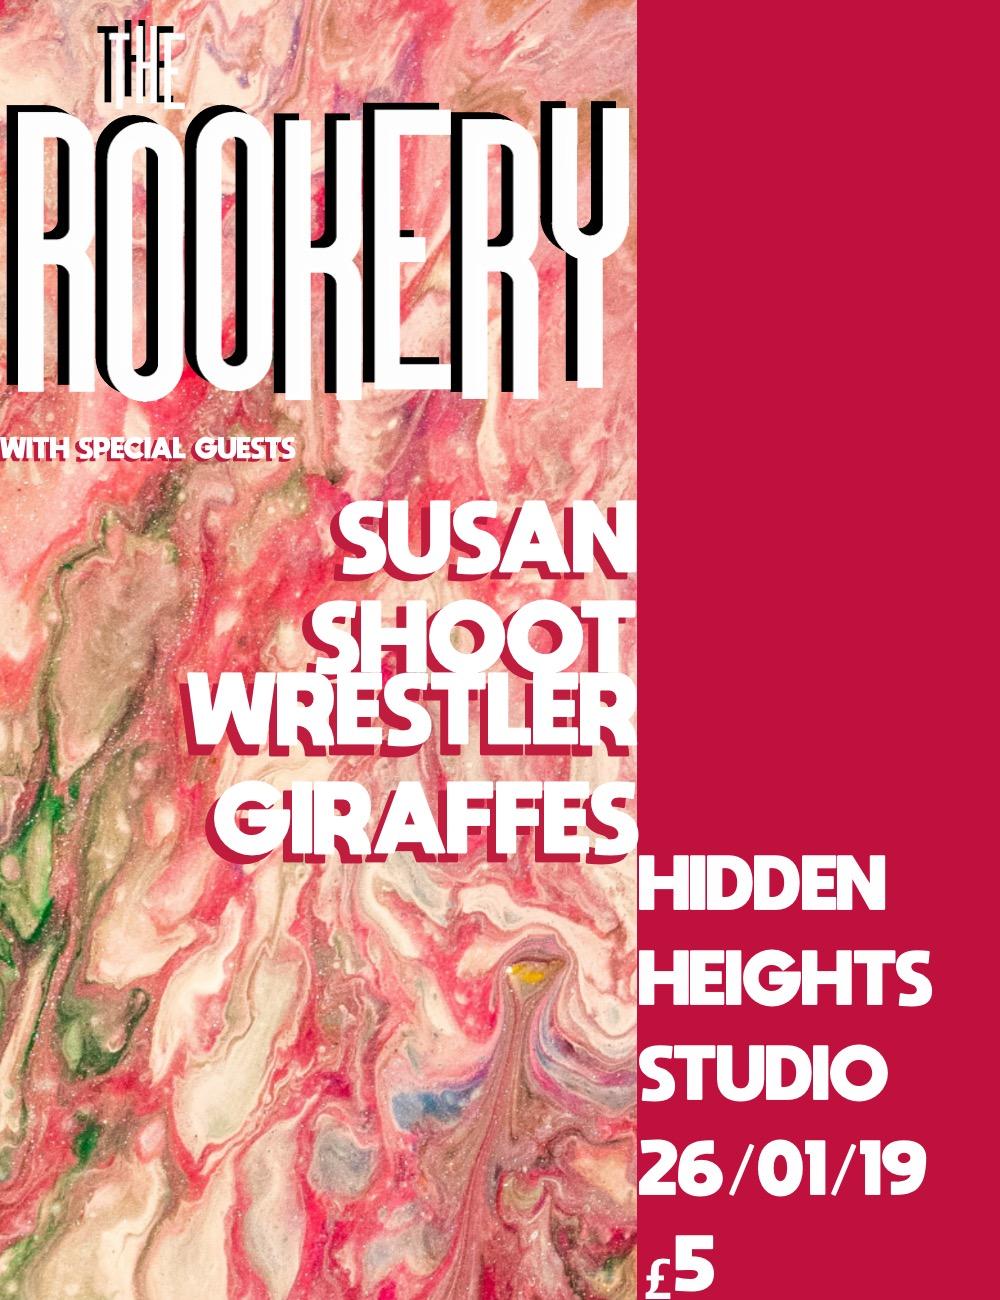 Hidden Heights 26.02.19 poster 1.jpg